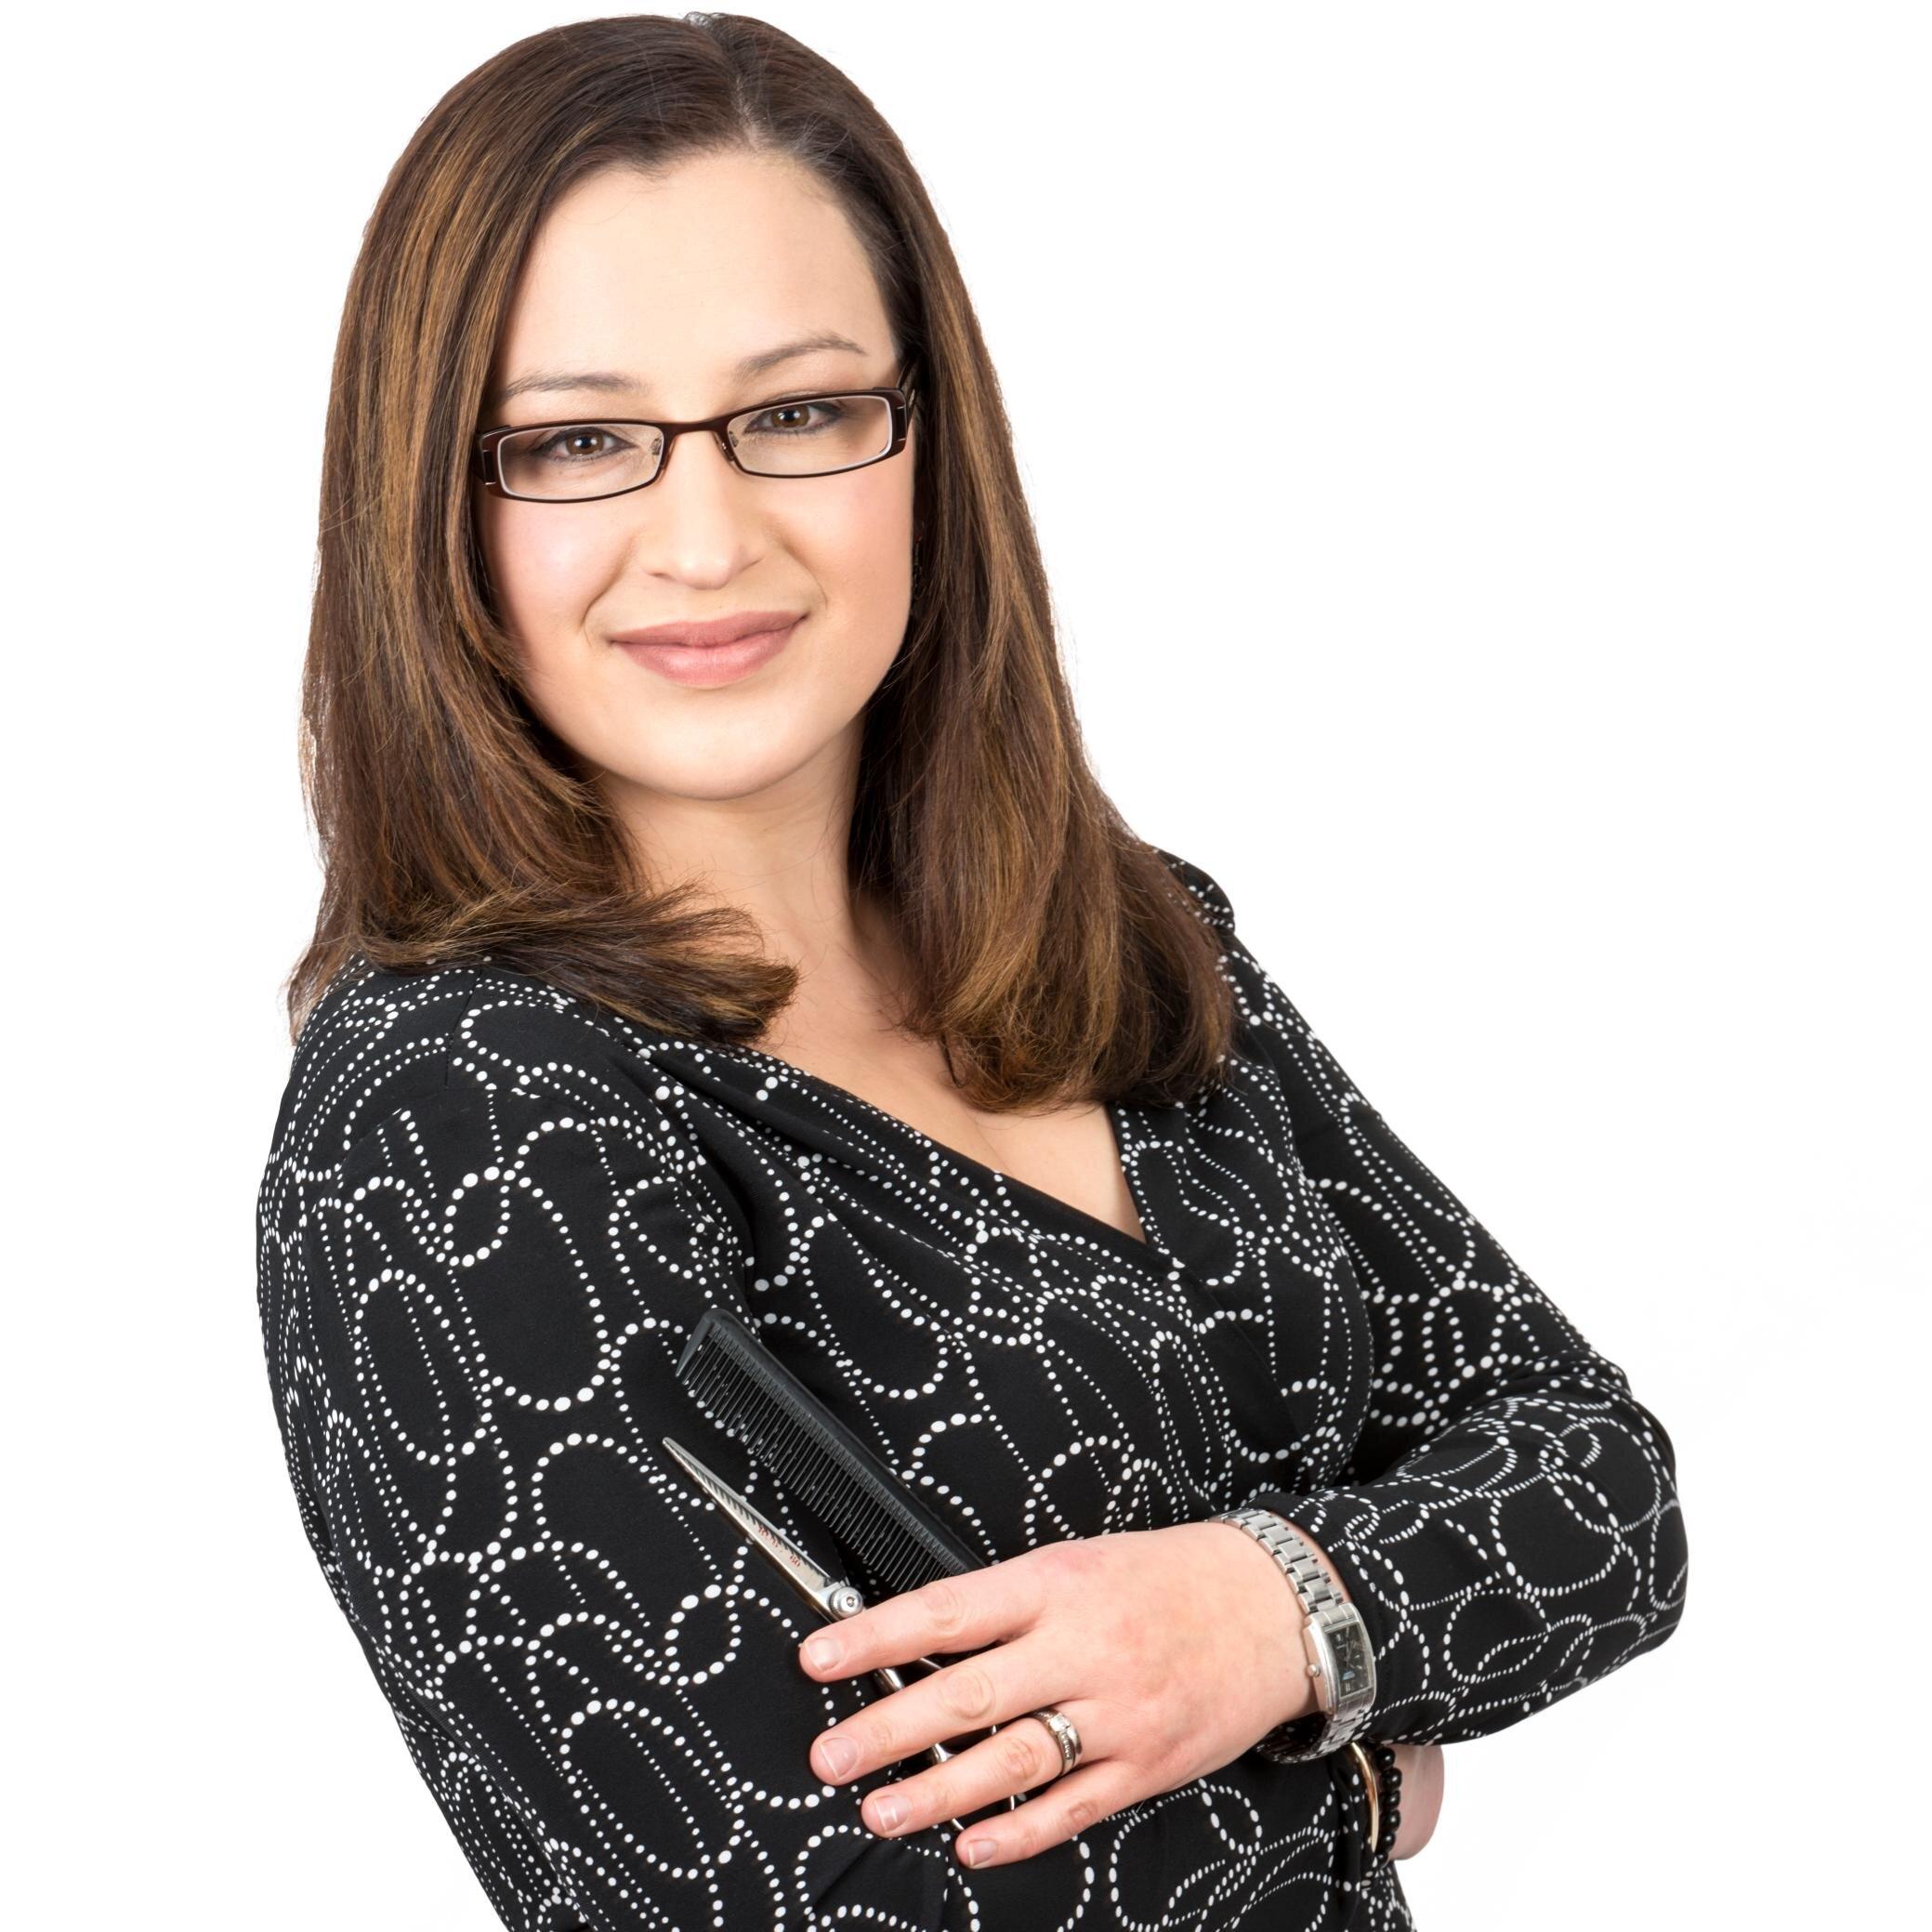 Grace Vassallo